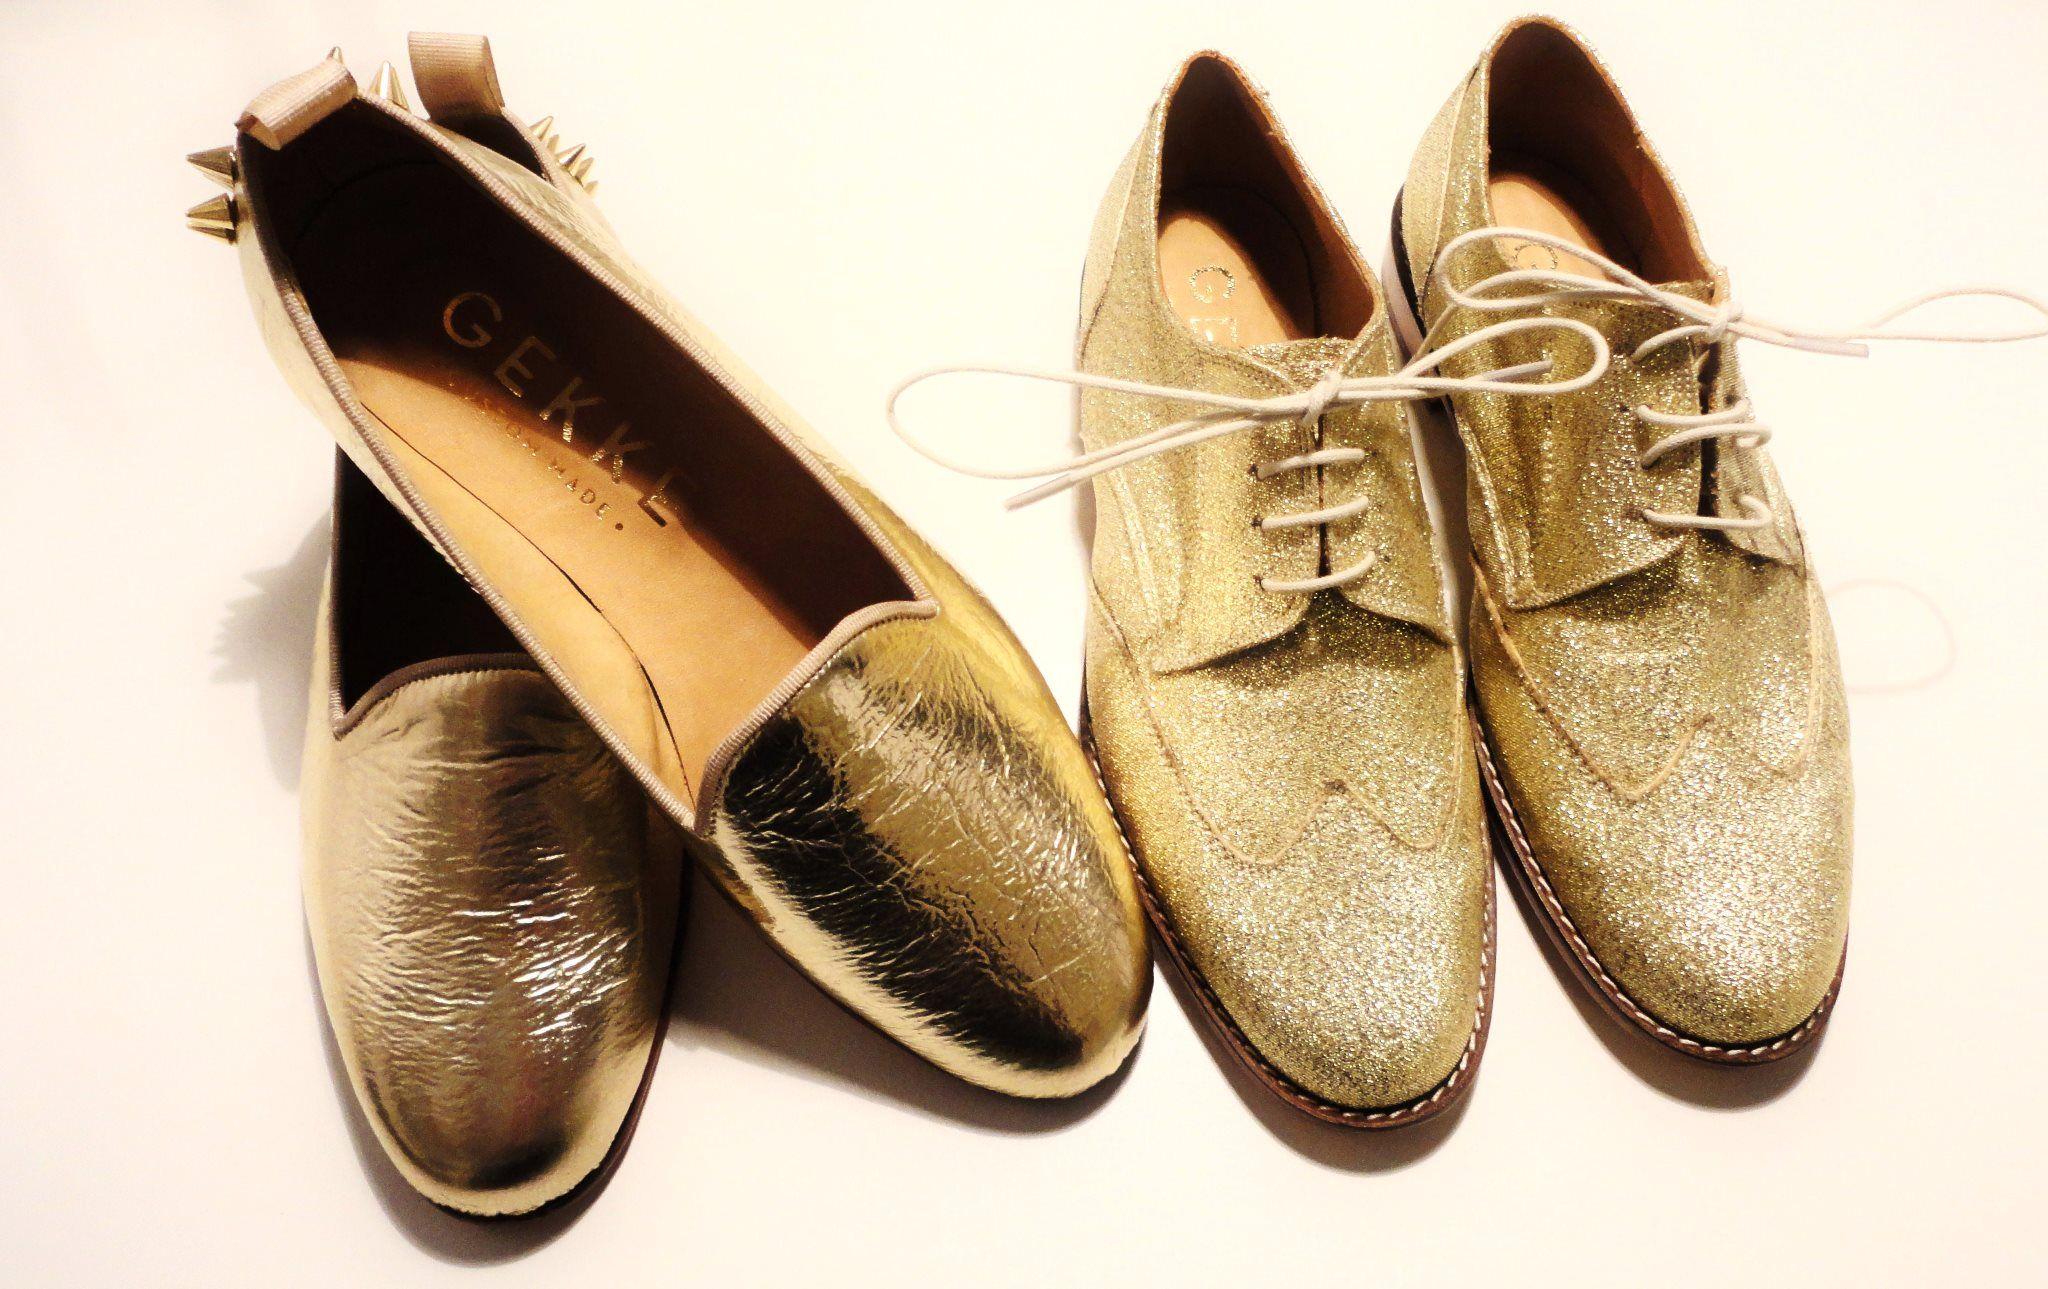 golden slipper 28 images cinderella s golden slippers flickr photo golden slipper 28 images. Black Bedroom Furniture Sets. Home Design Ideas